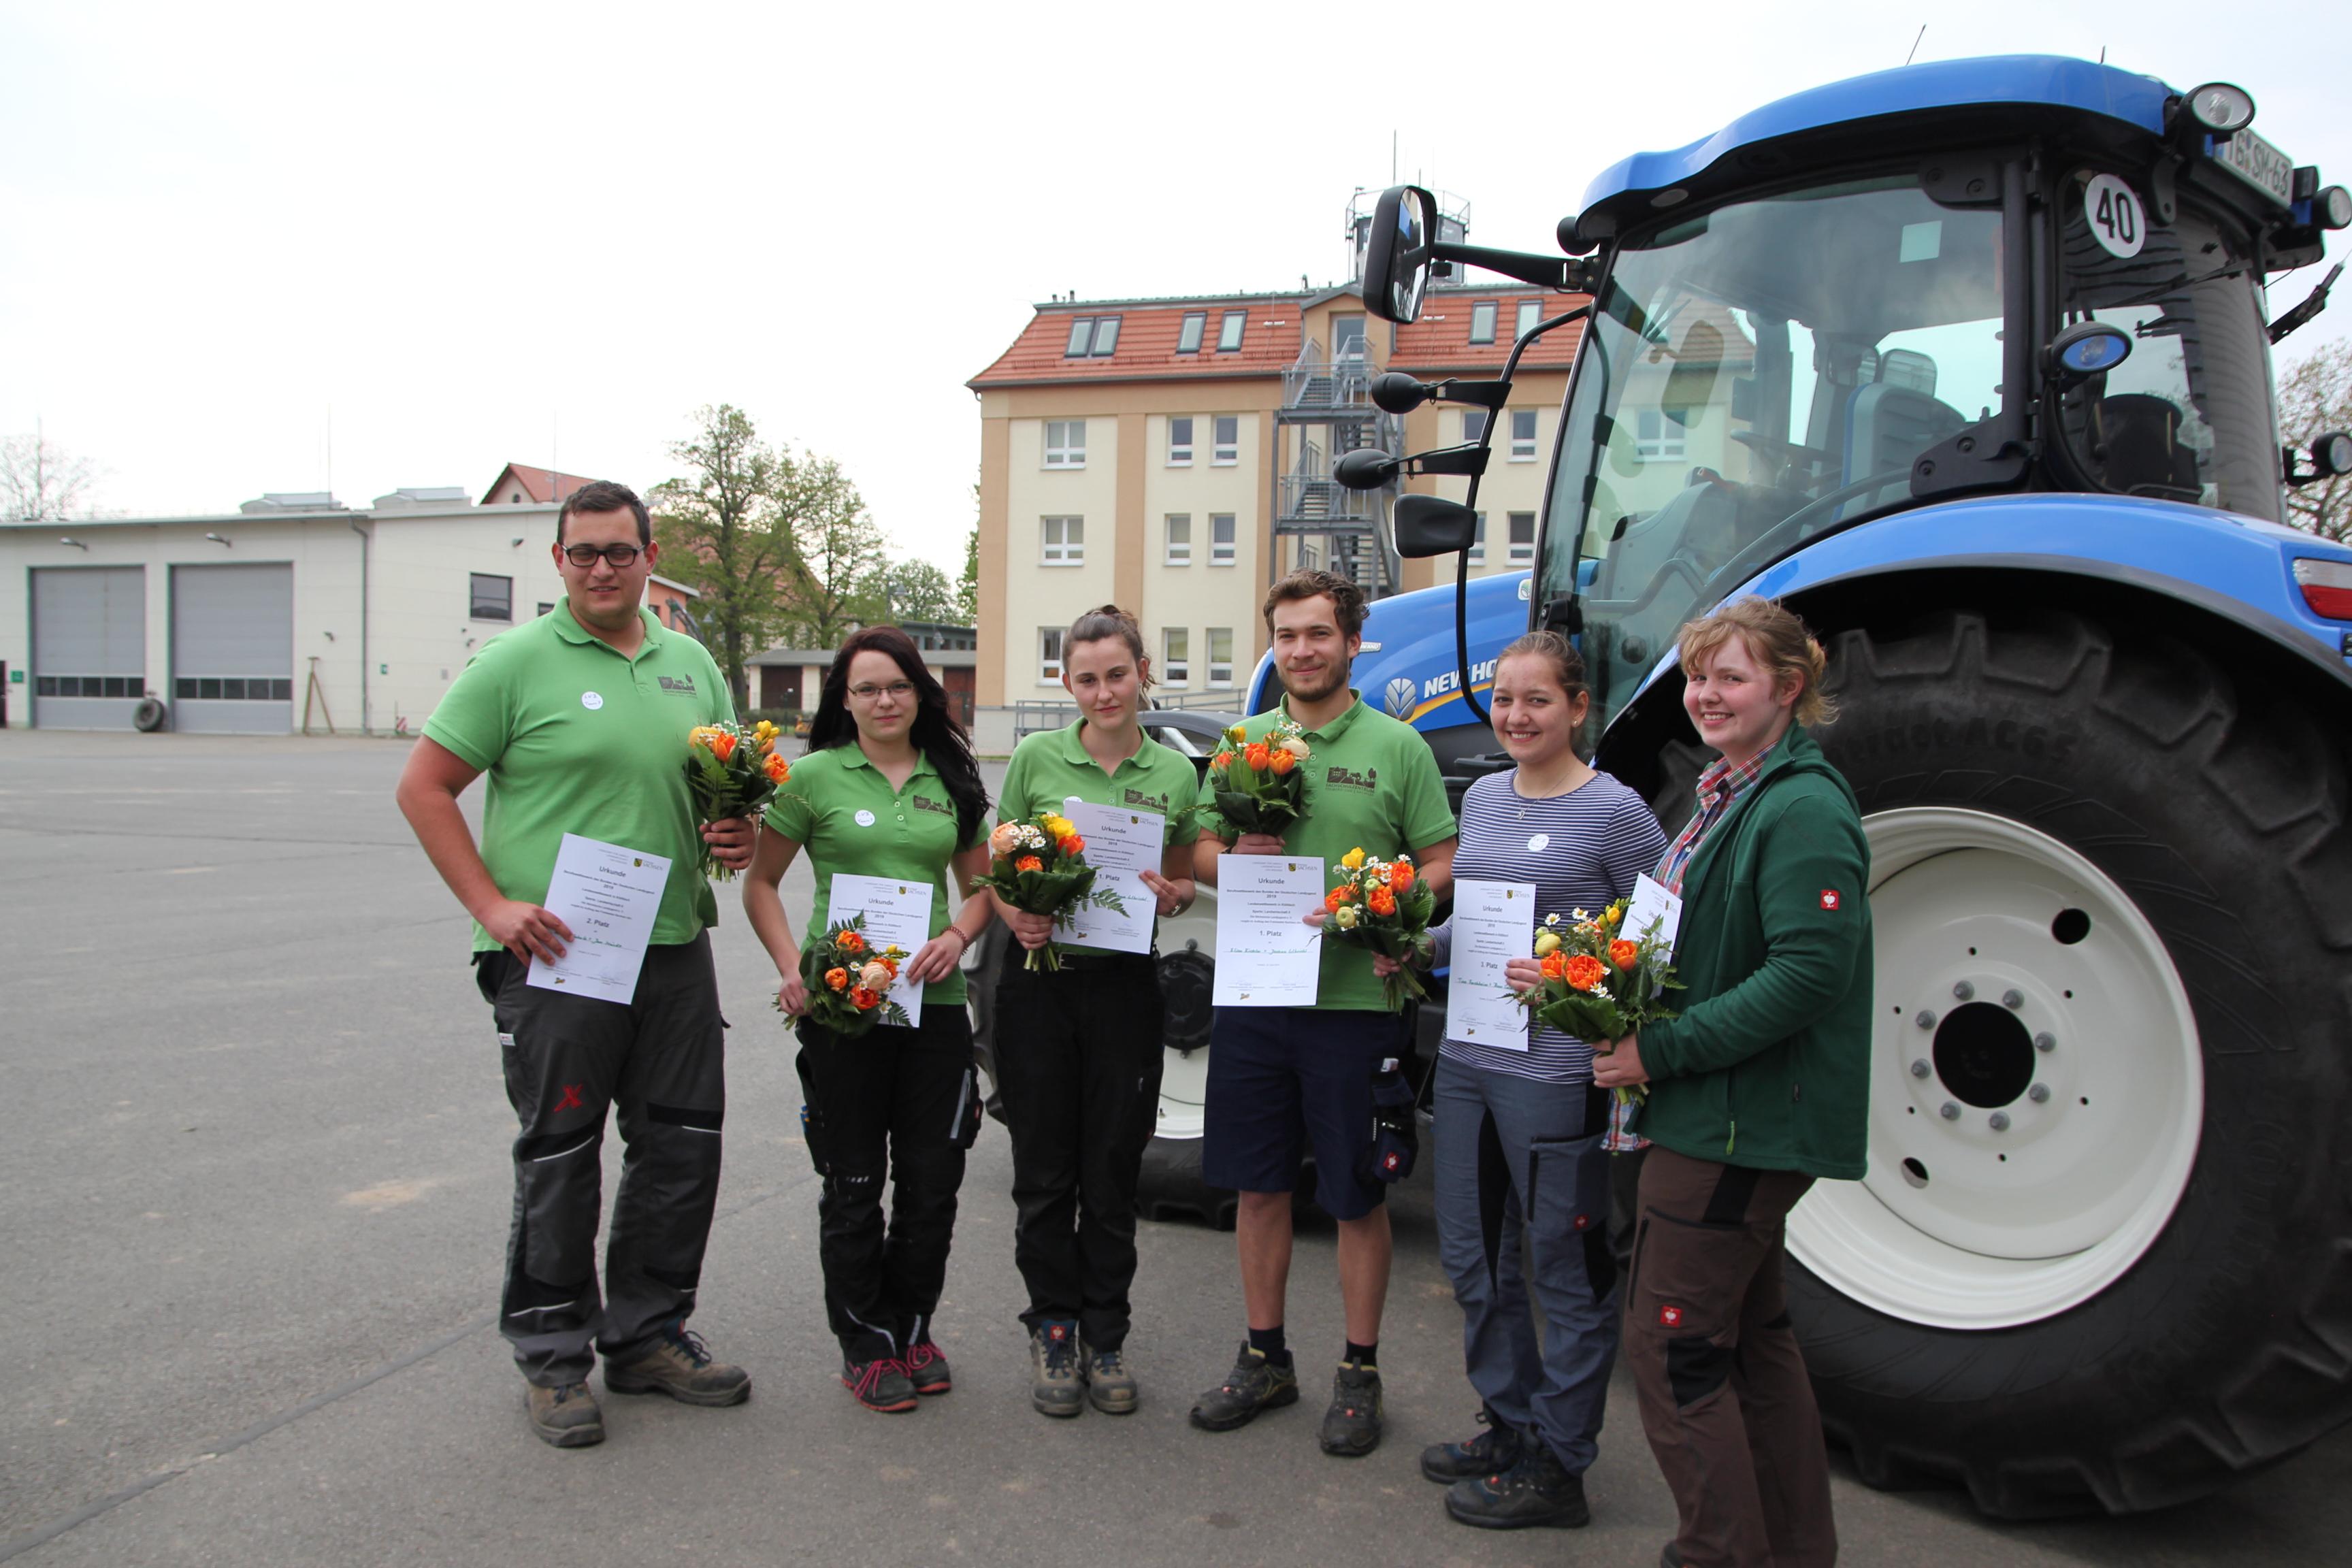 Jan Mücke, Nadine Schulz, Elisa Eichler, Joshua Ulbricht, Tina Forchheim und Anne Colditz (v. links)